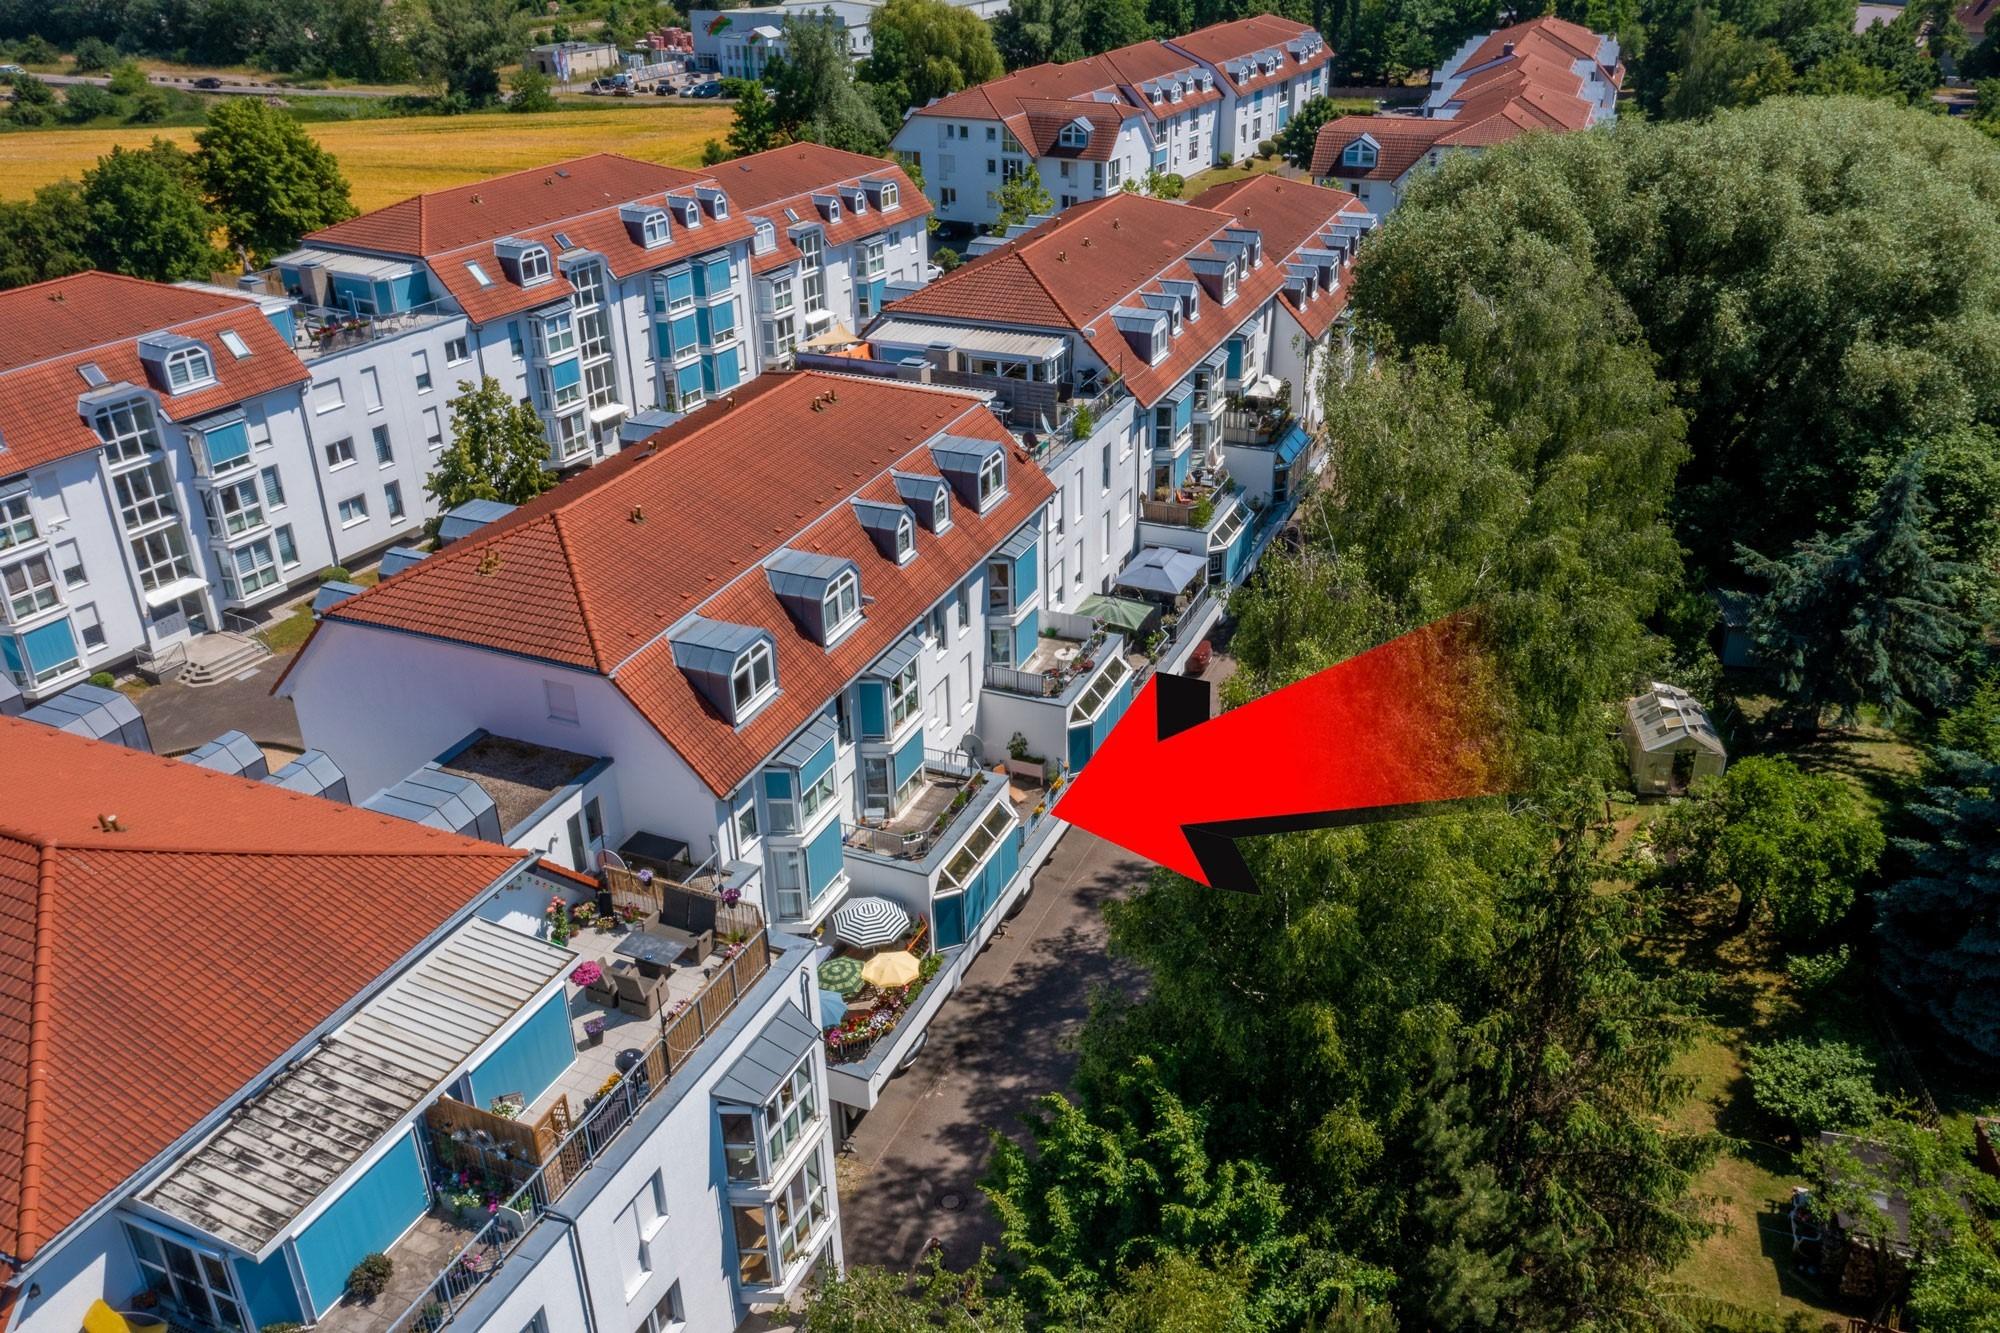 Eigentumswohnung Diemitz - Luftbildaufnahme